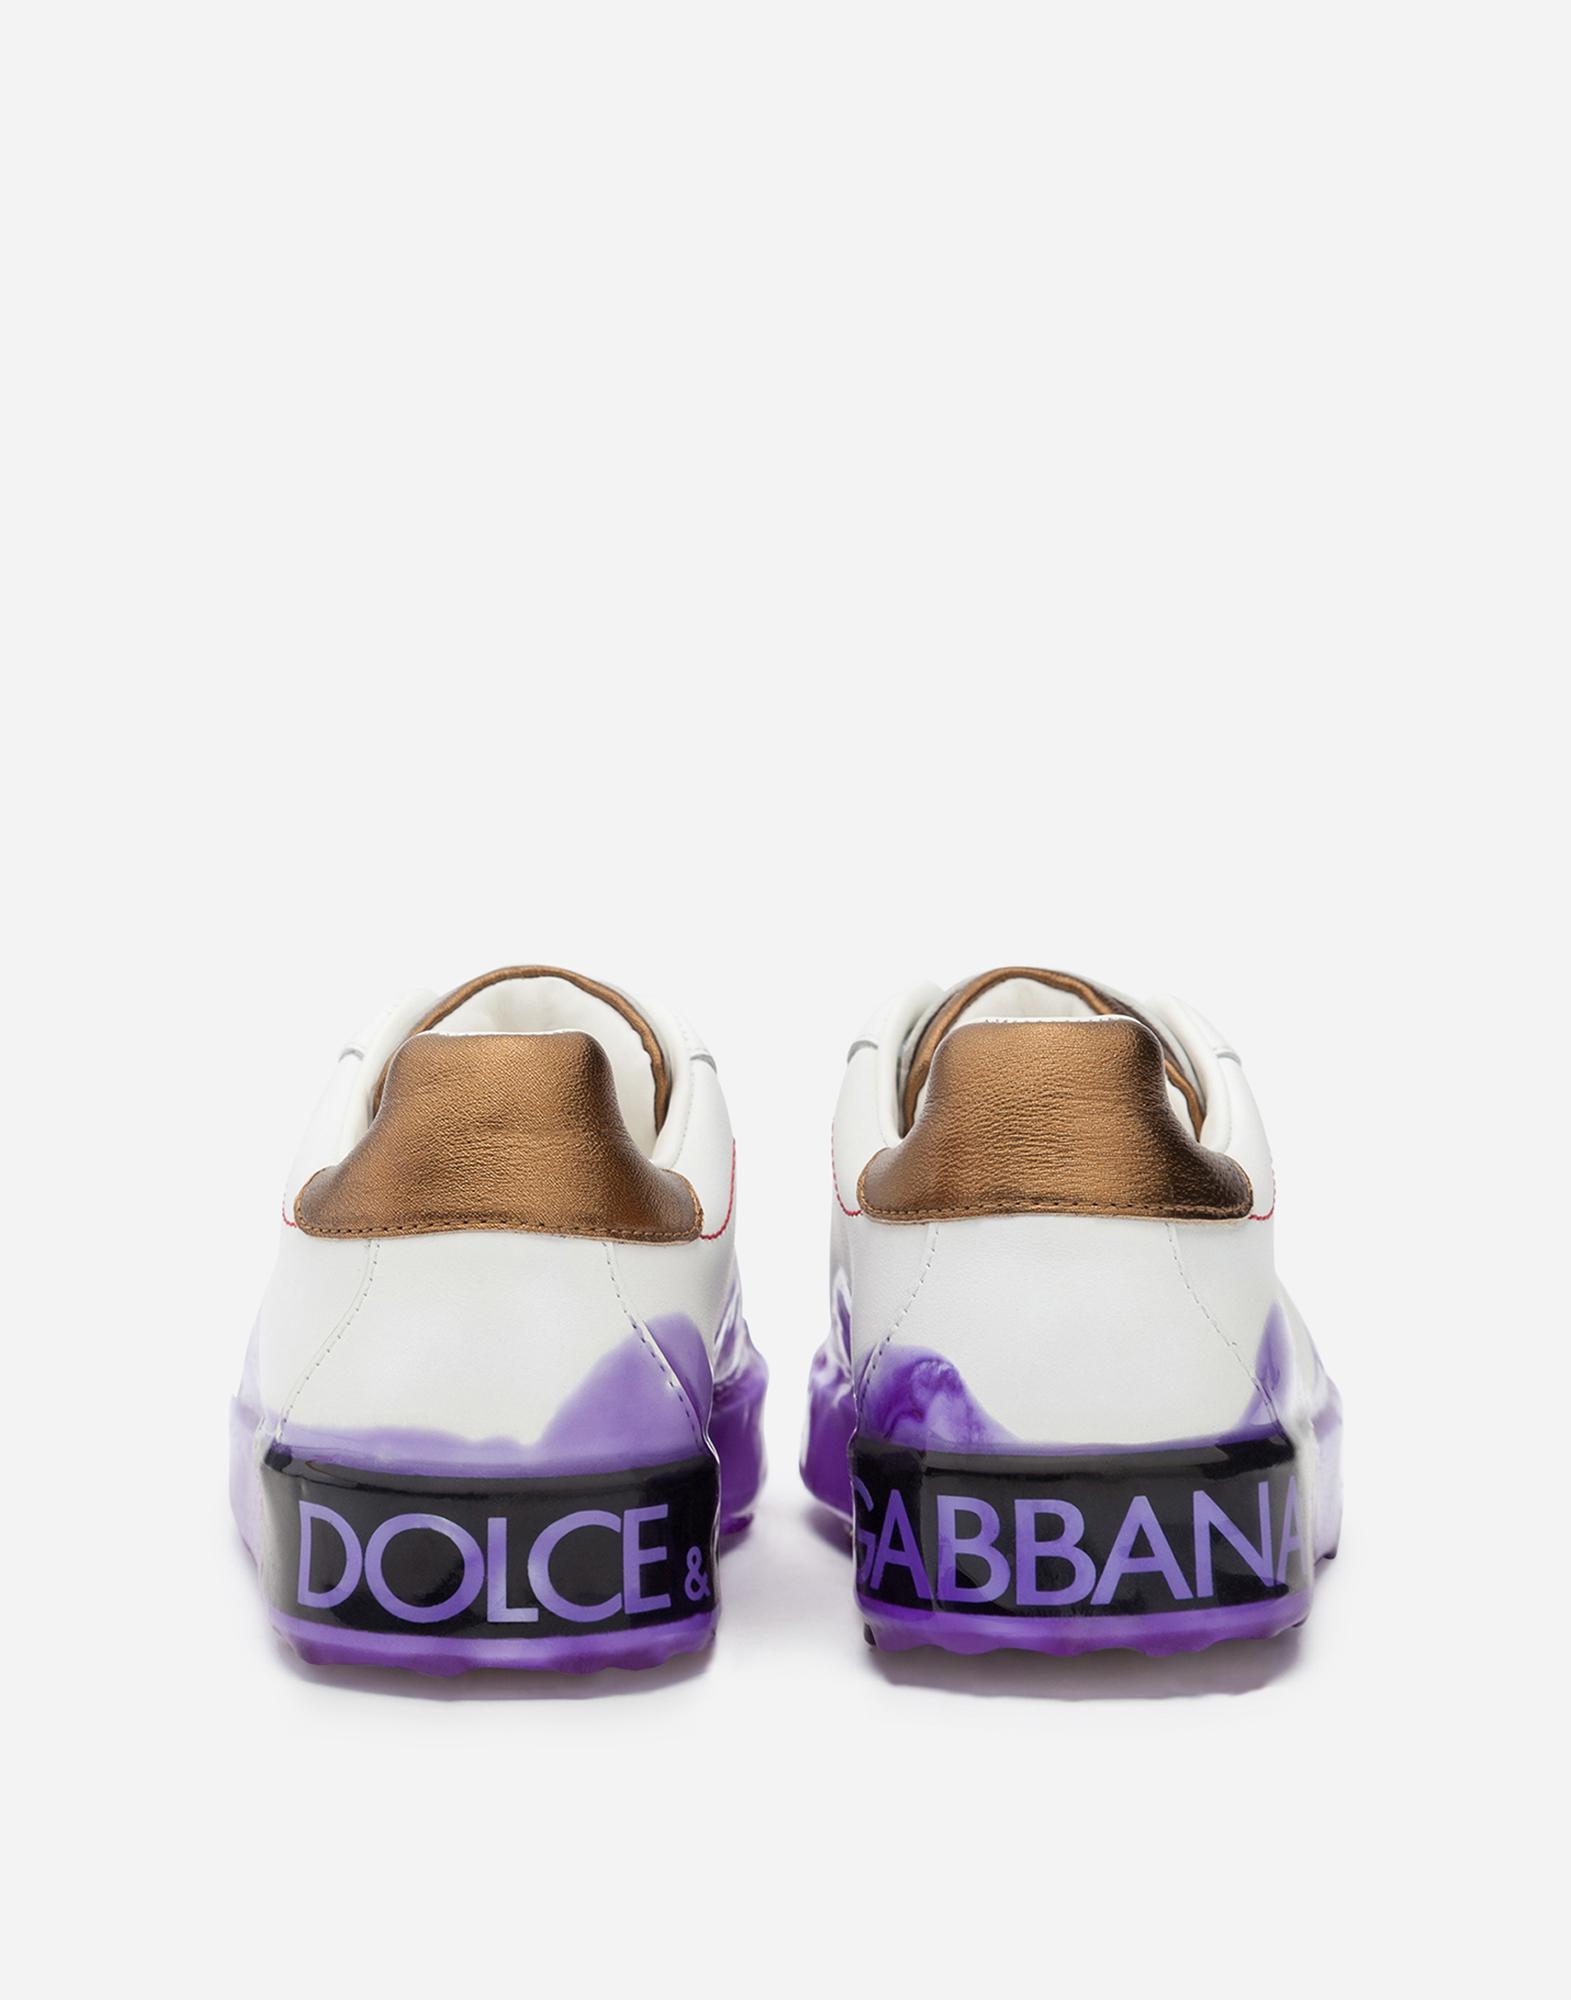 Dolce & Gabbana PORTOFINO MELT SNEAKERS